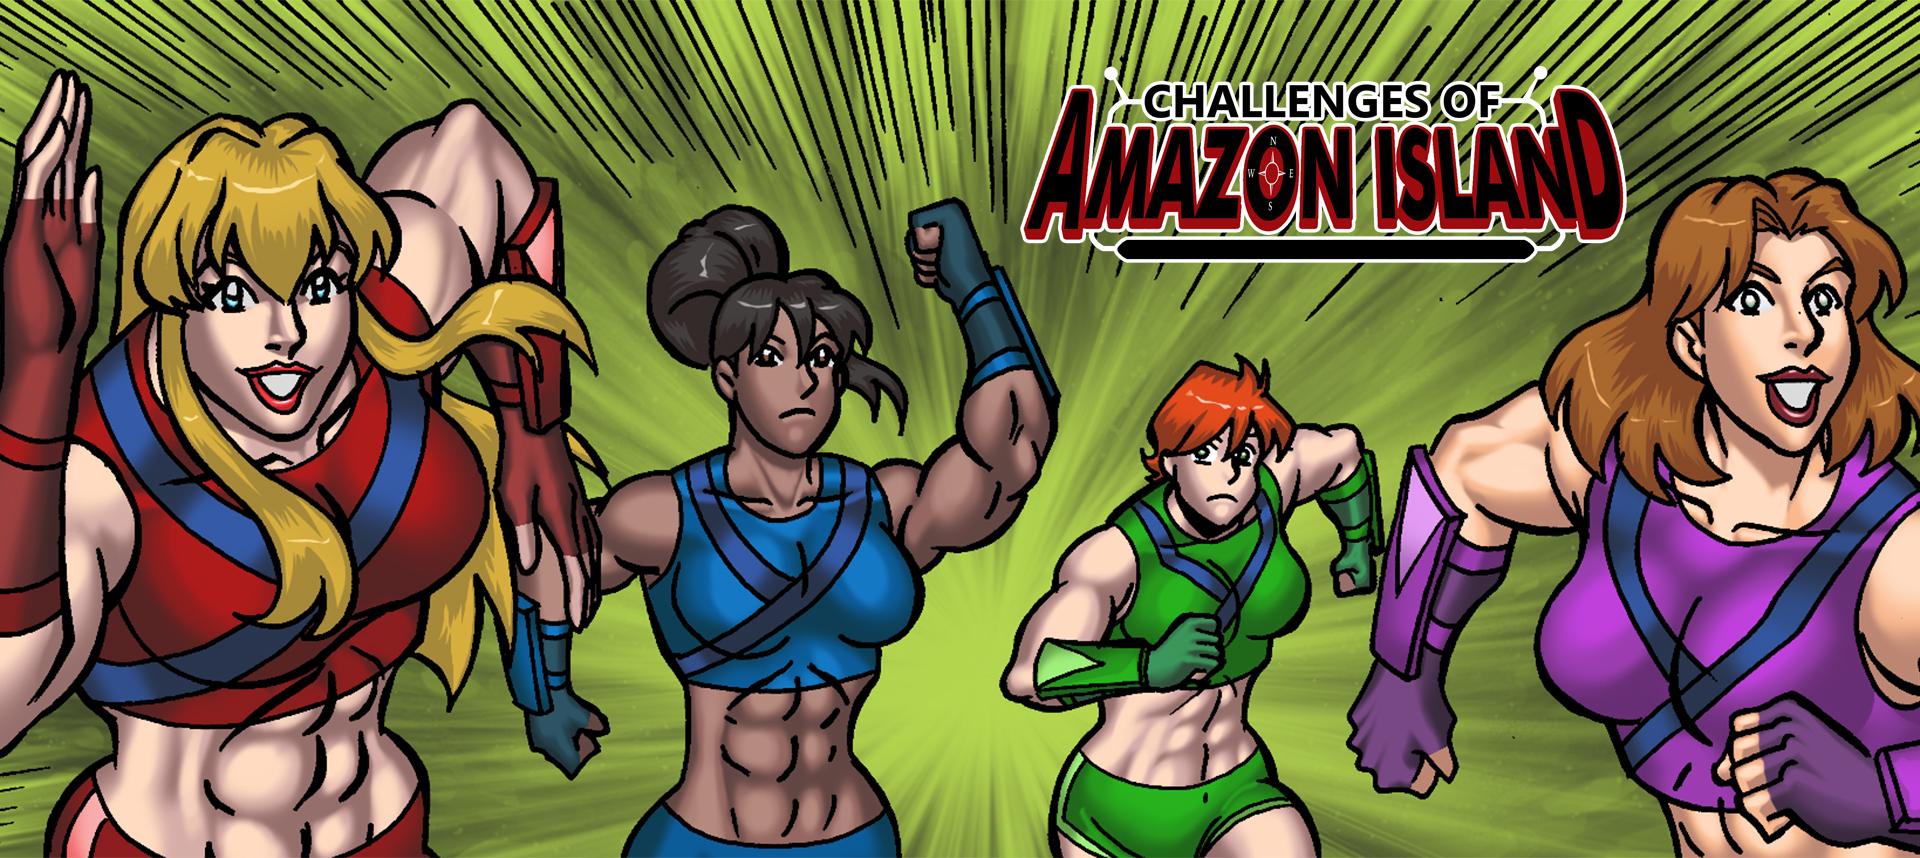 Challenges-of-Amazon-Island_01-SLIDE